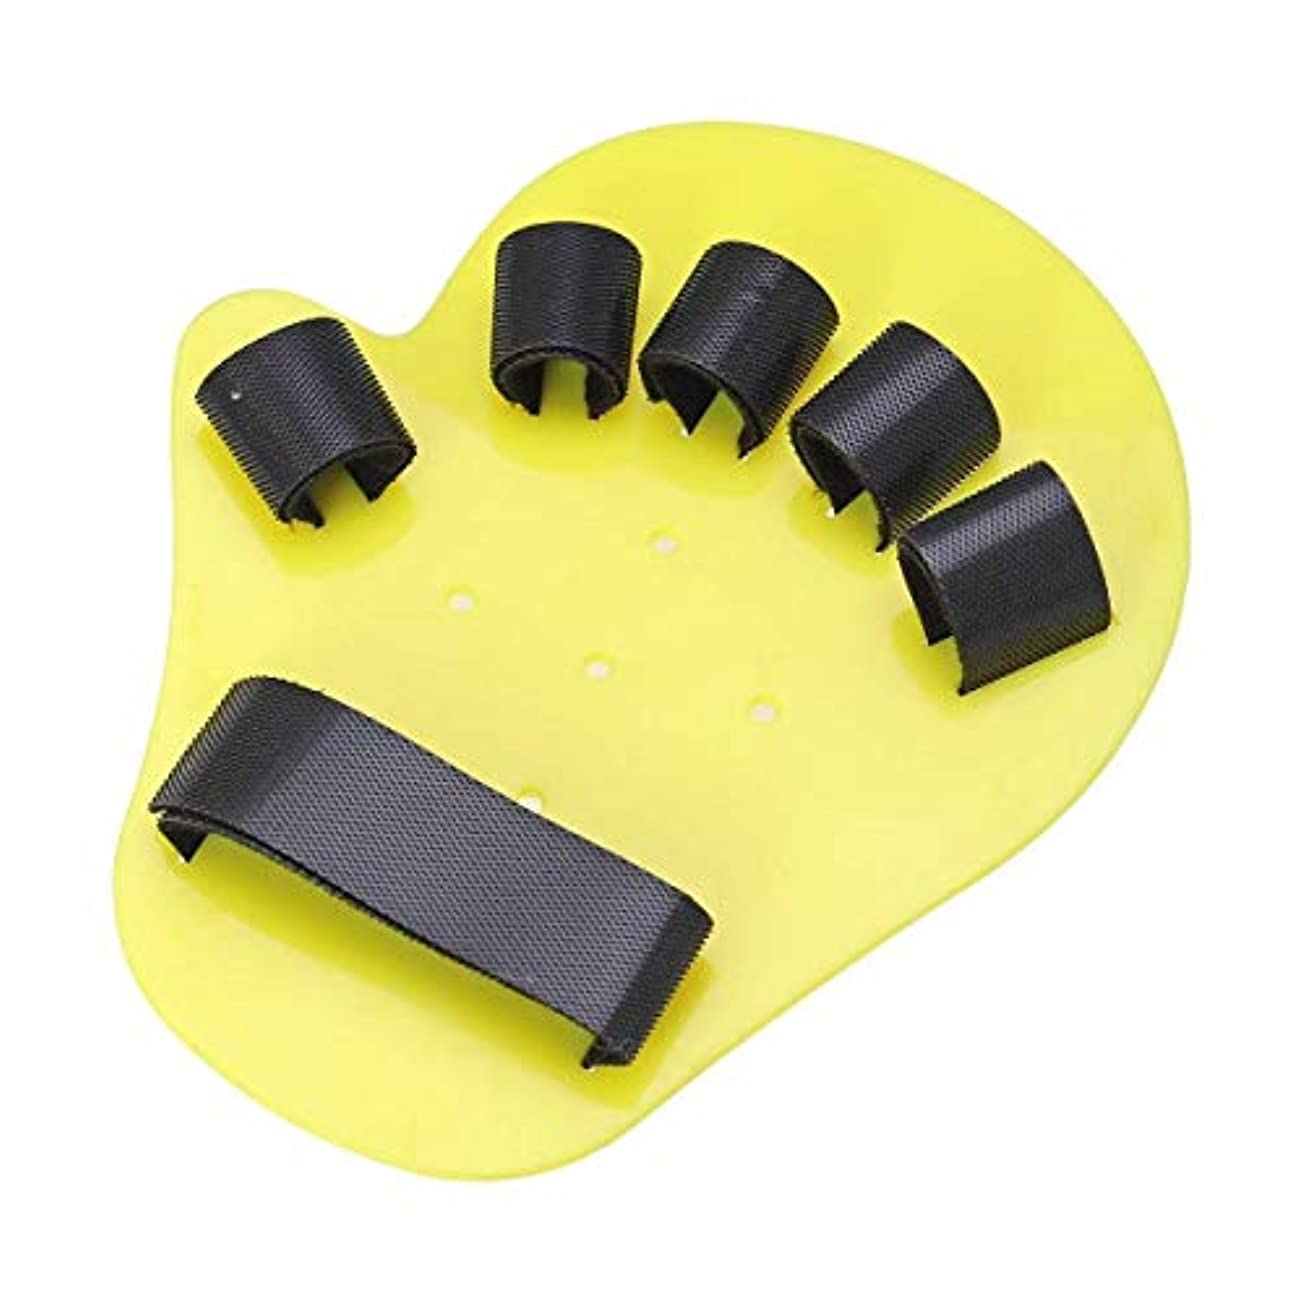 関節炎または柔らかいティッシュの傷害のための親指の支柱調節可能な指板を支えます